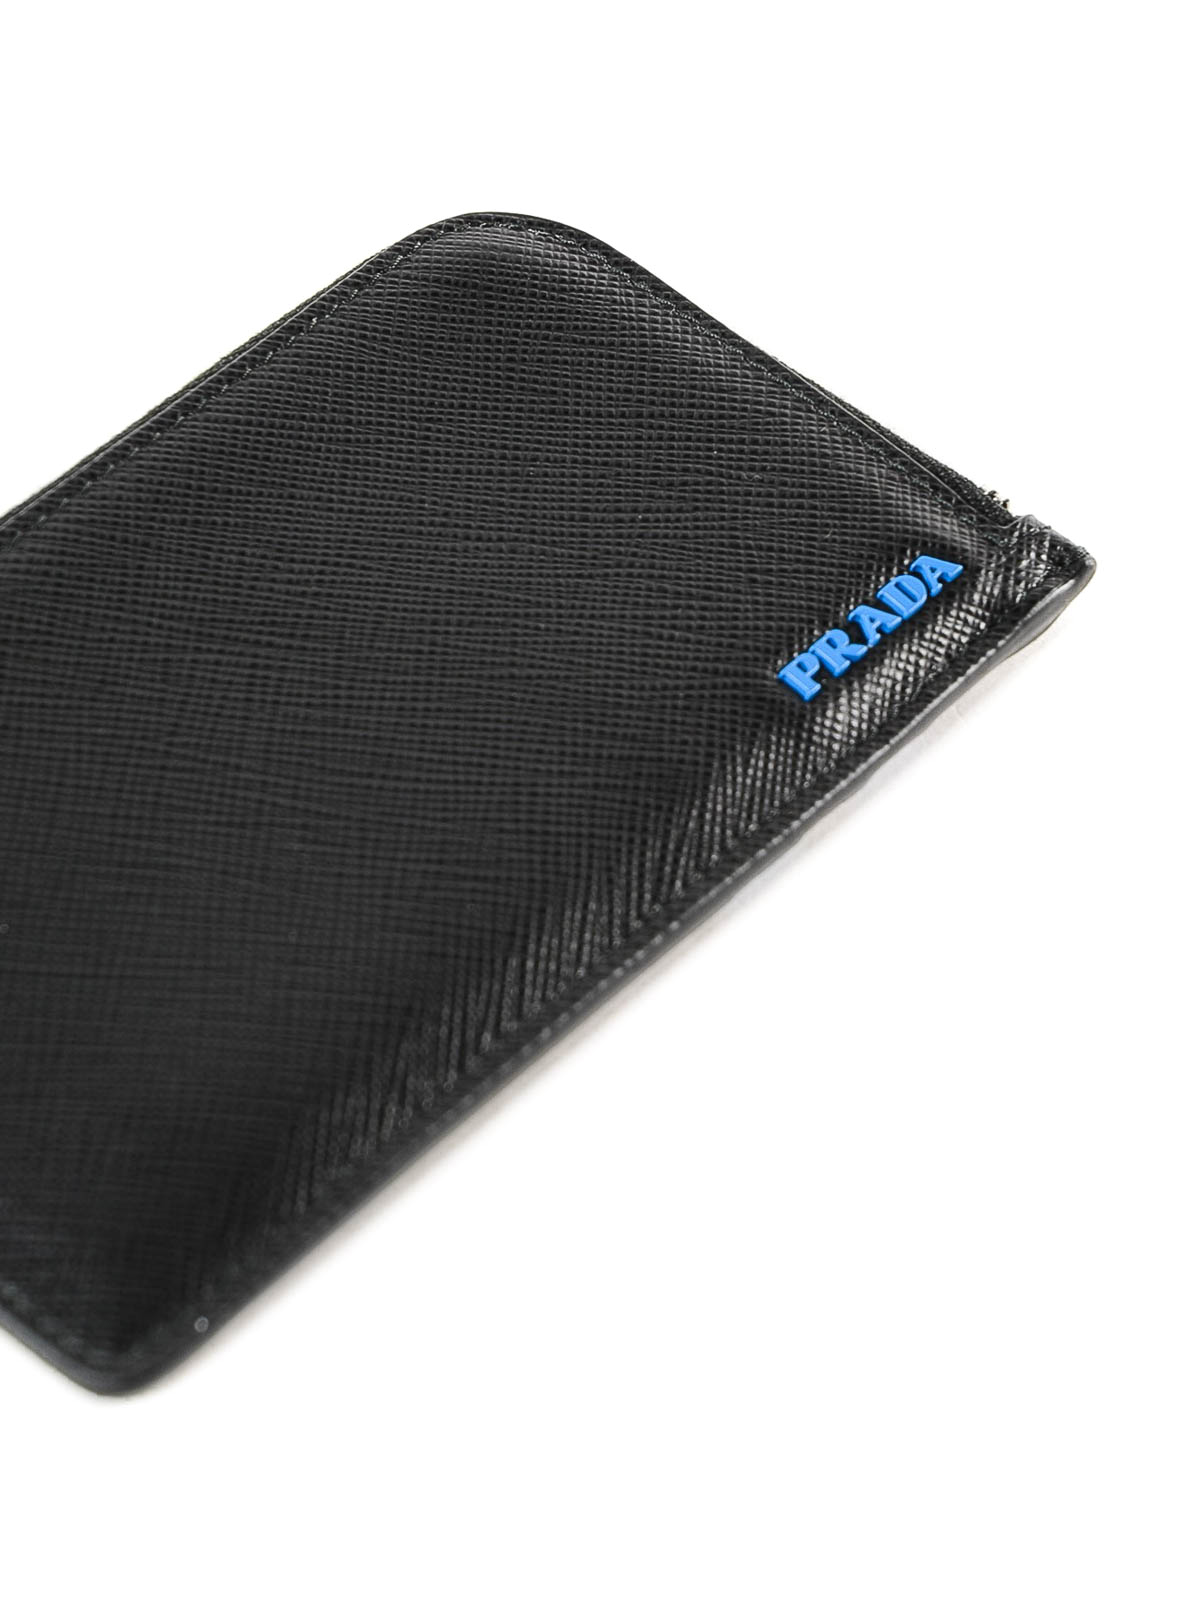 e2961a6d82fa iKRIX PRADA  wallets   purses - Black and blue saffiano leather card holder